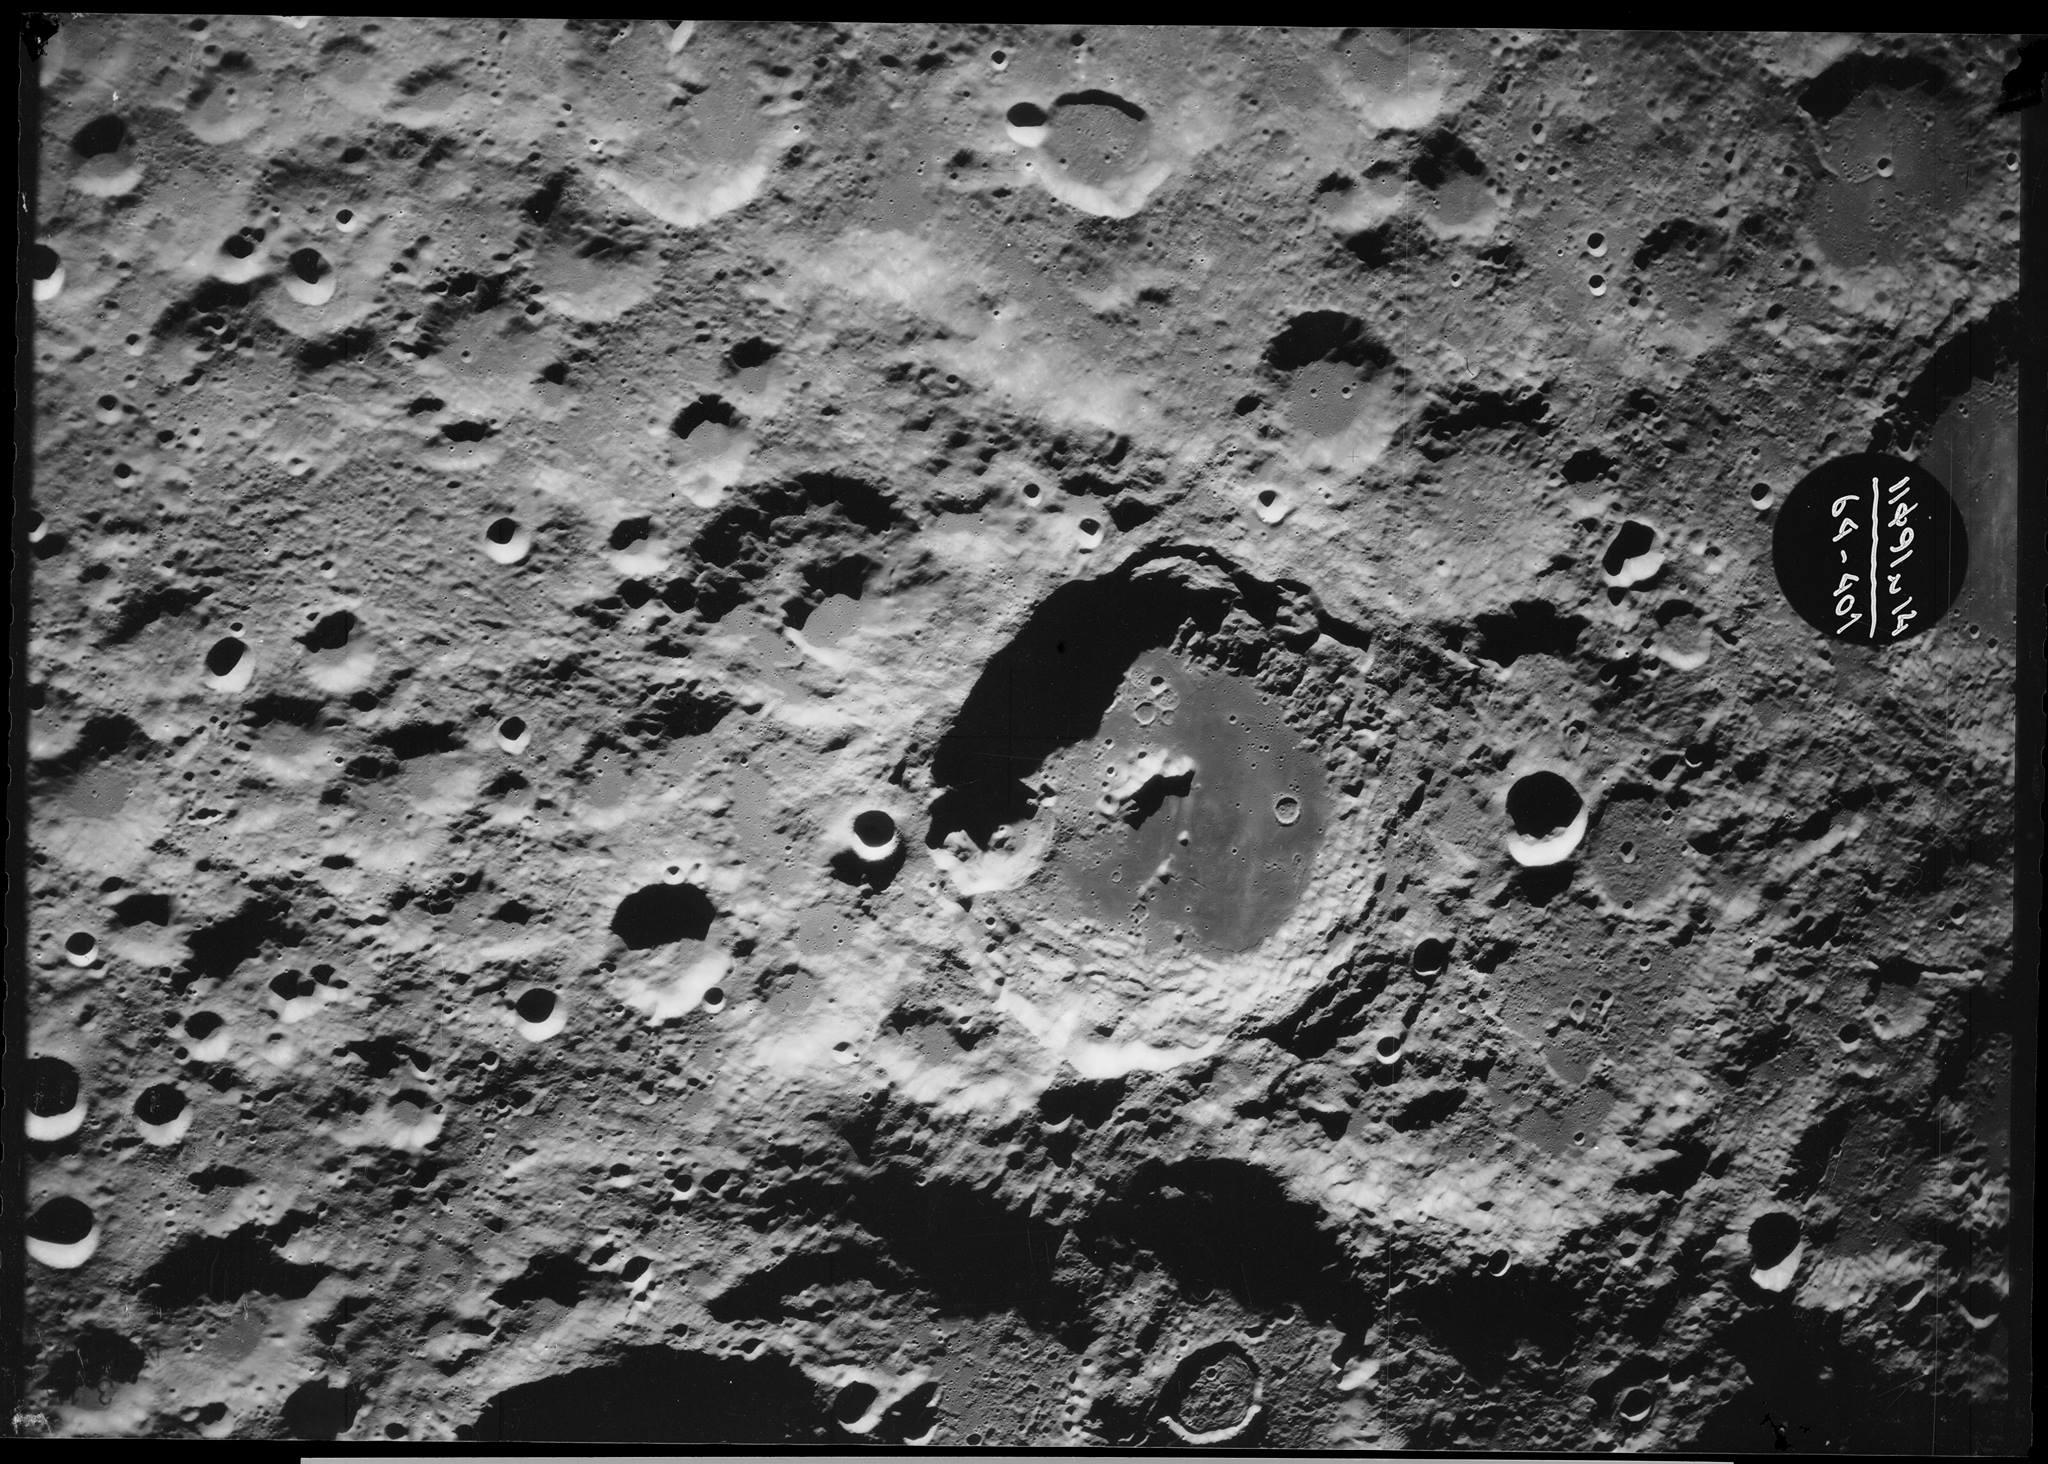 луна обратная сторона фото из космоса дочурка ваше